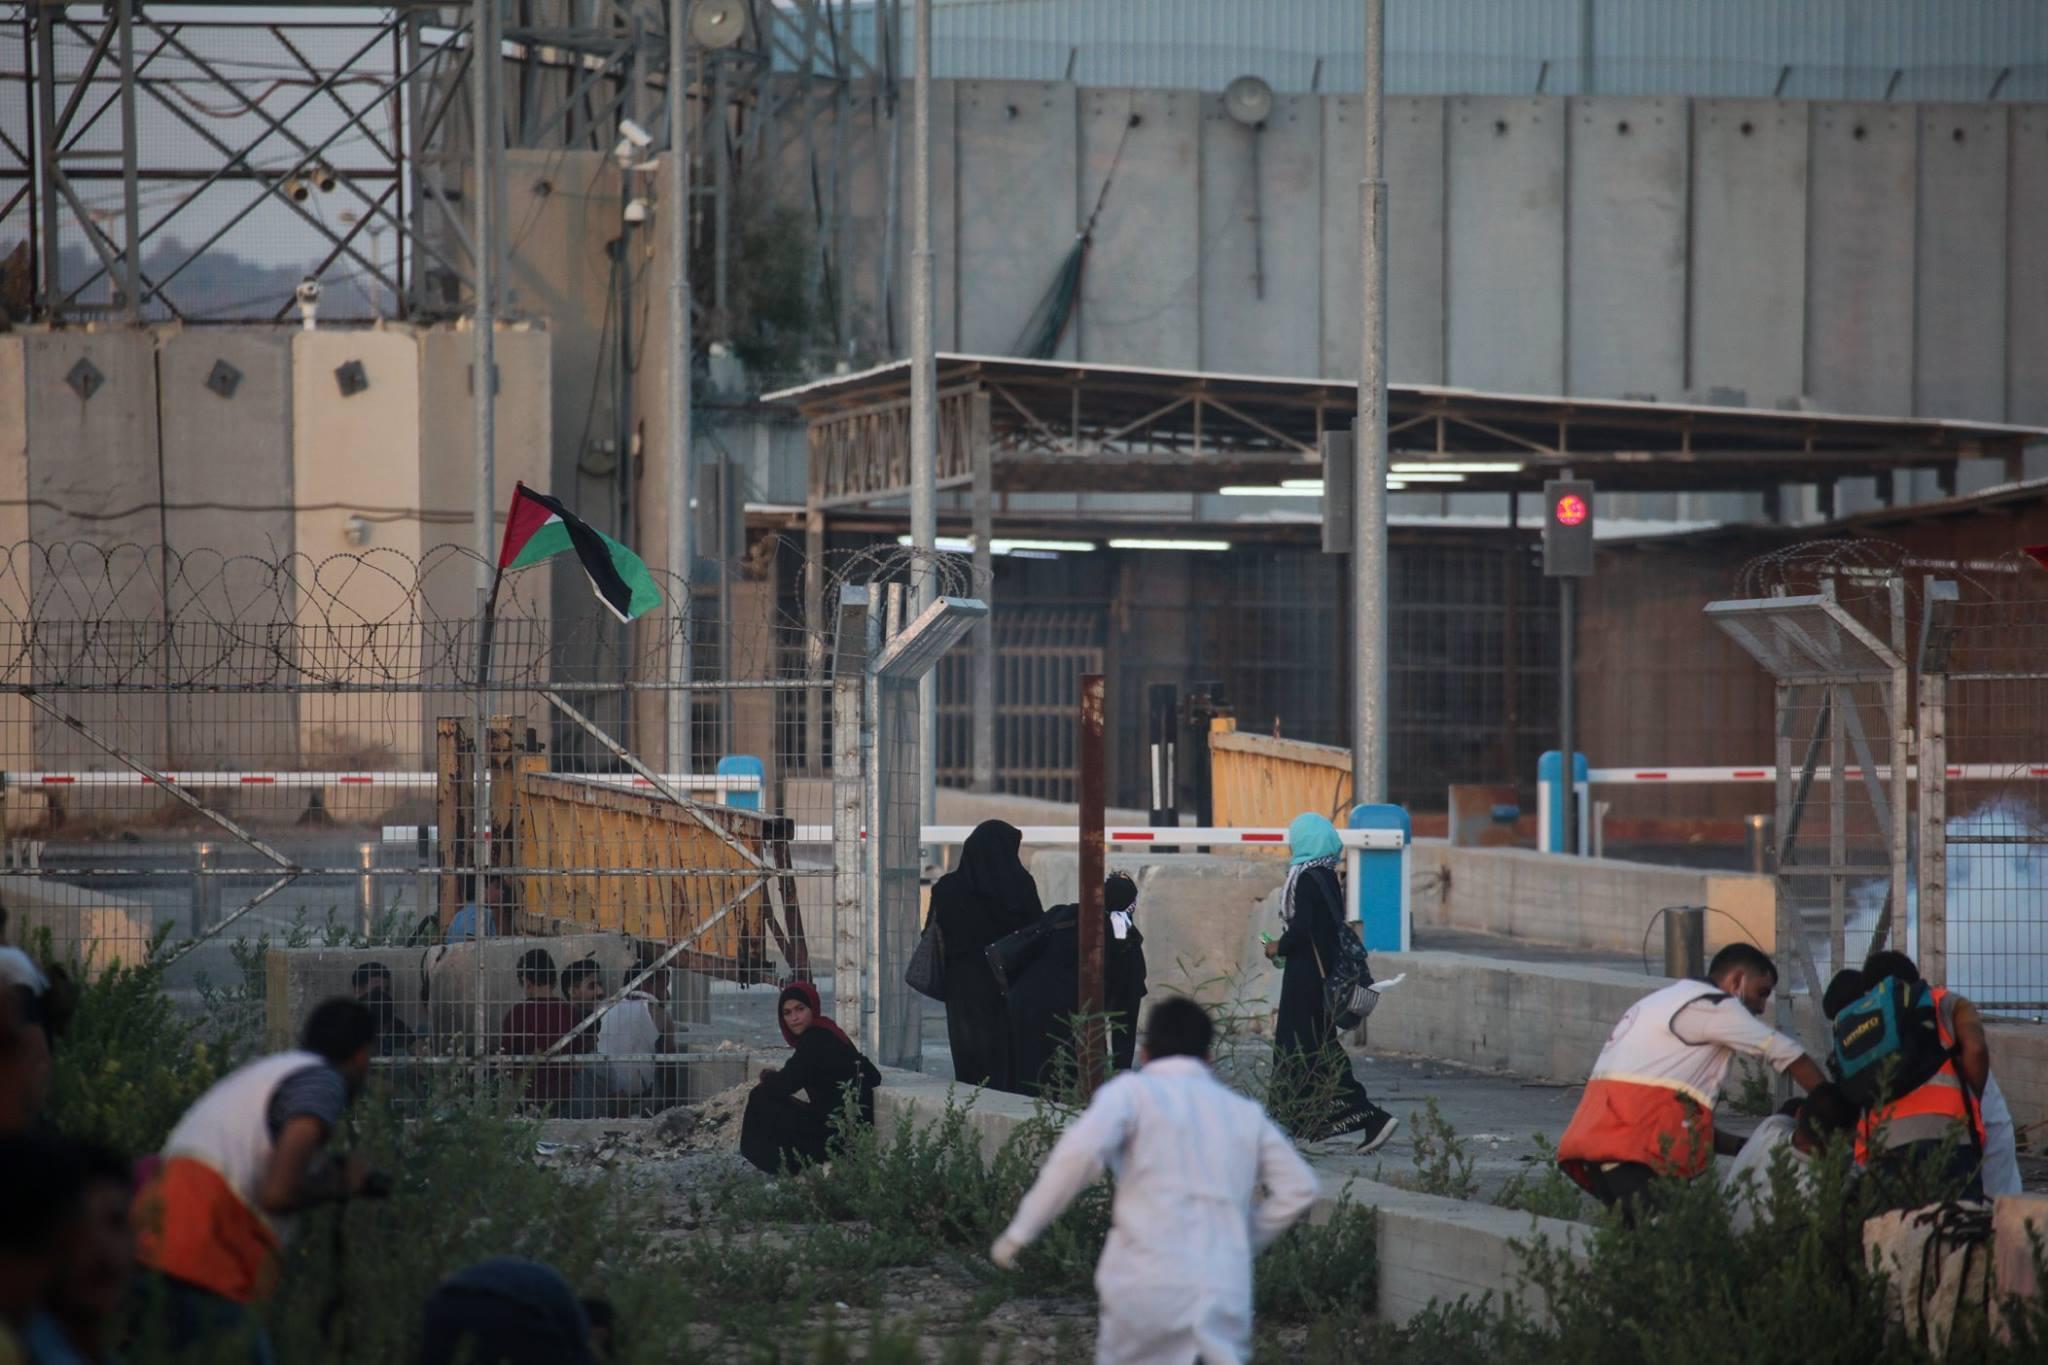 خلال 24 ساعة: استشهاد 6 فلسطينيين برصاص الاحتلال الإسرائيلي